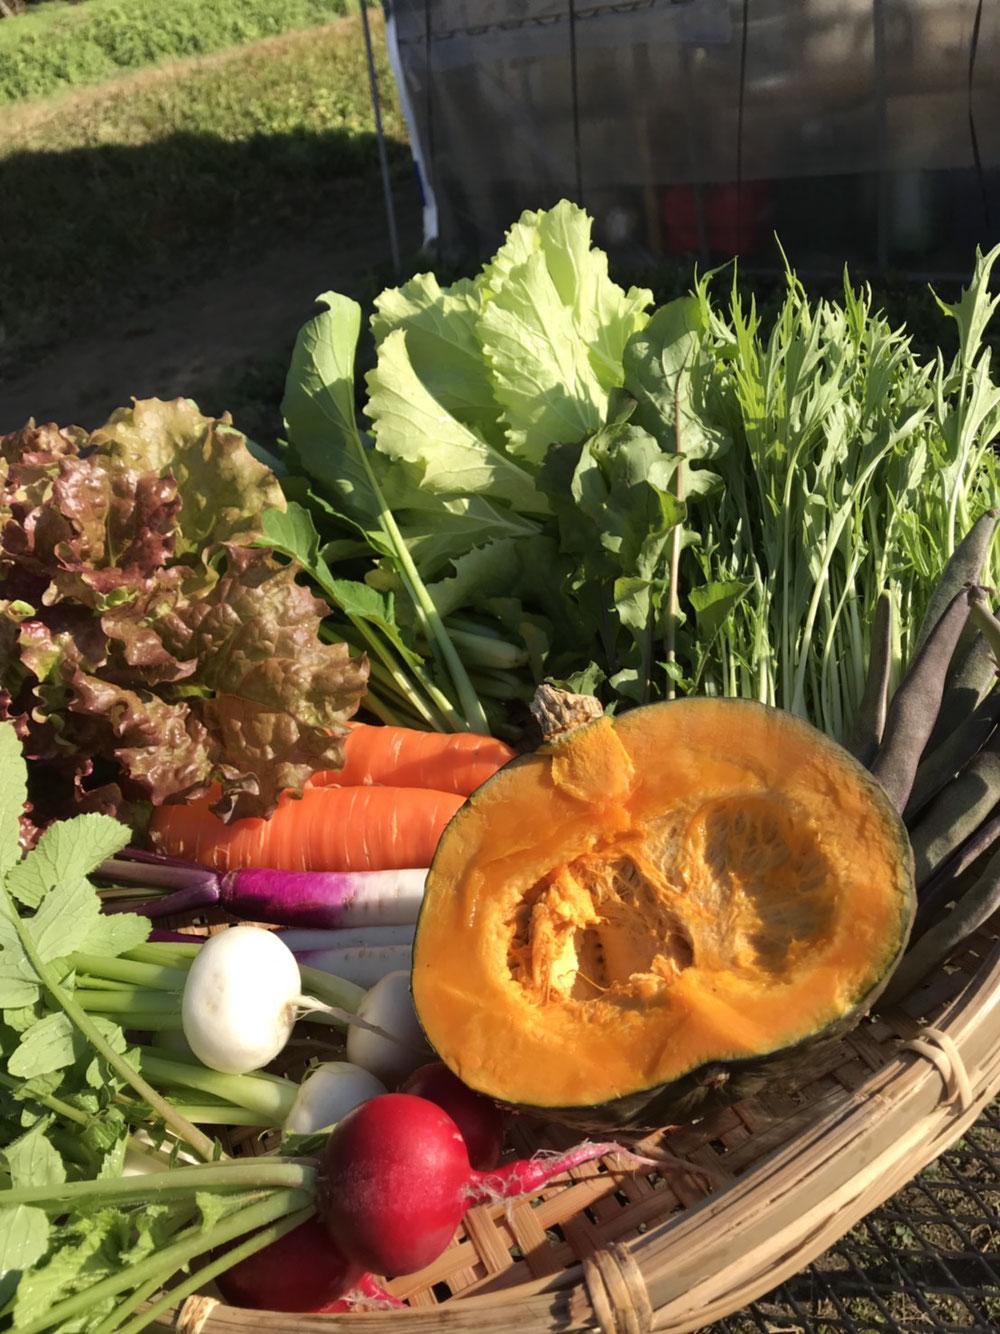 この日は、サニーレタス・山東菜・水菜・小松菜・ニンジン・小カブ・日野菜カブ・ラディッシュ・平鞘いんげん・かぼちゃ・ルッコラでした。大セットです。